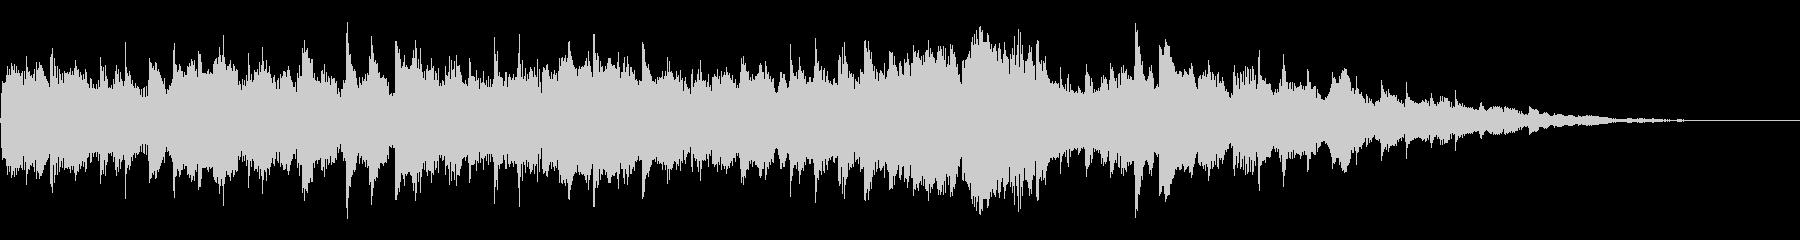 キラキラしたサウンドトラックの未再生の波形